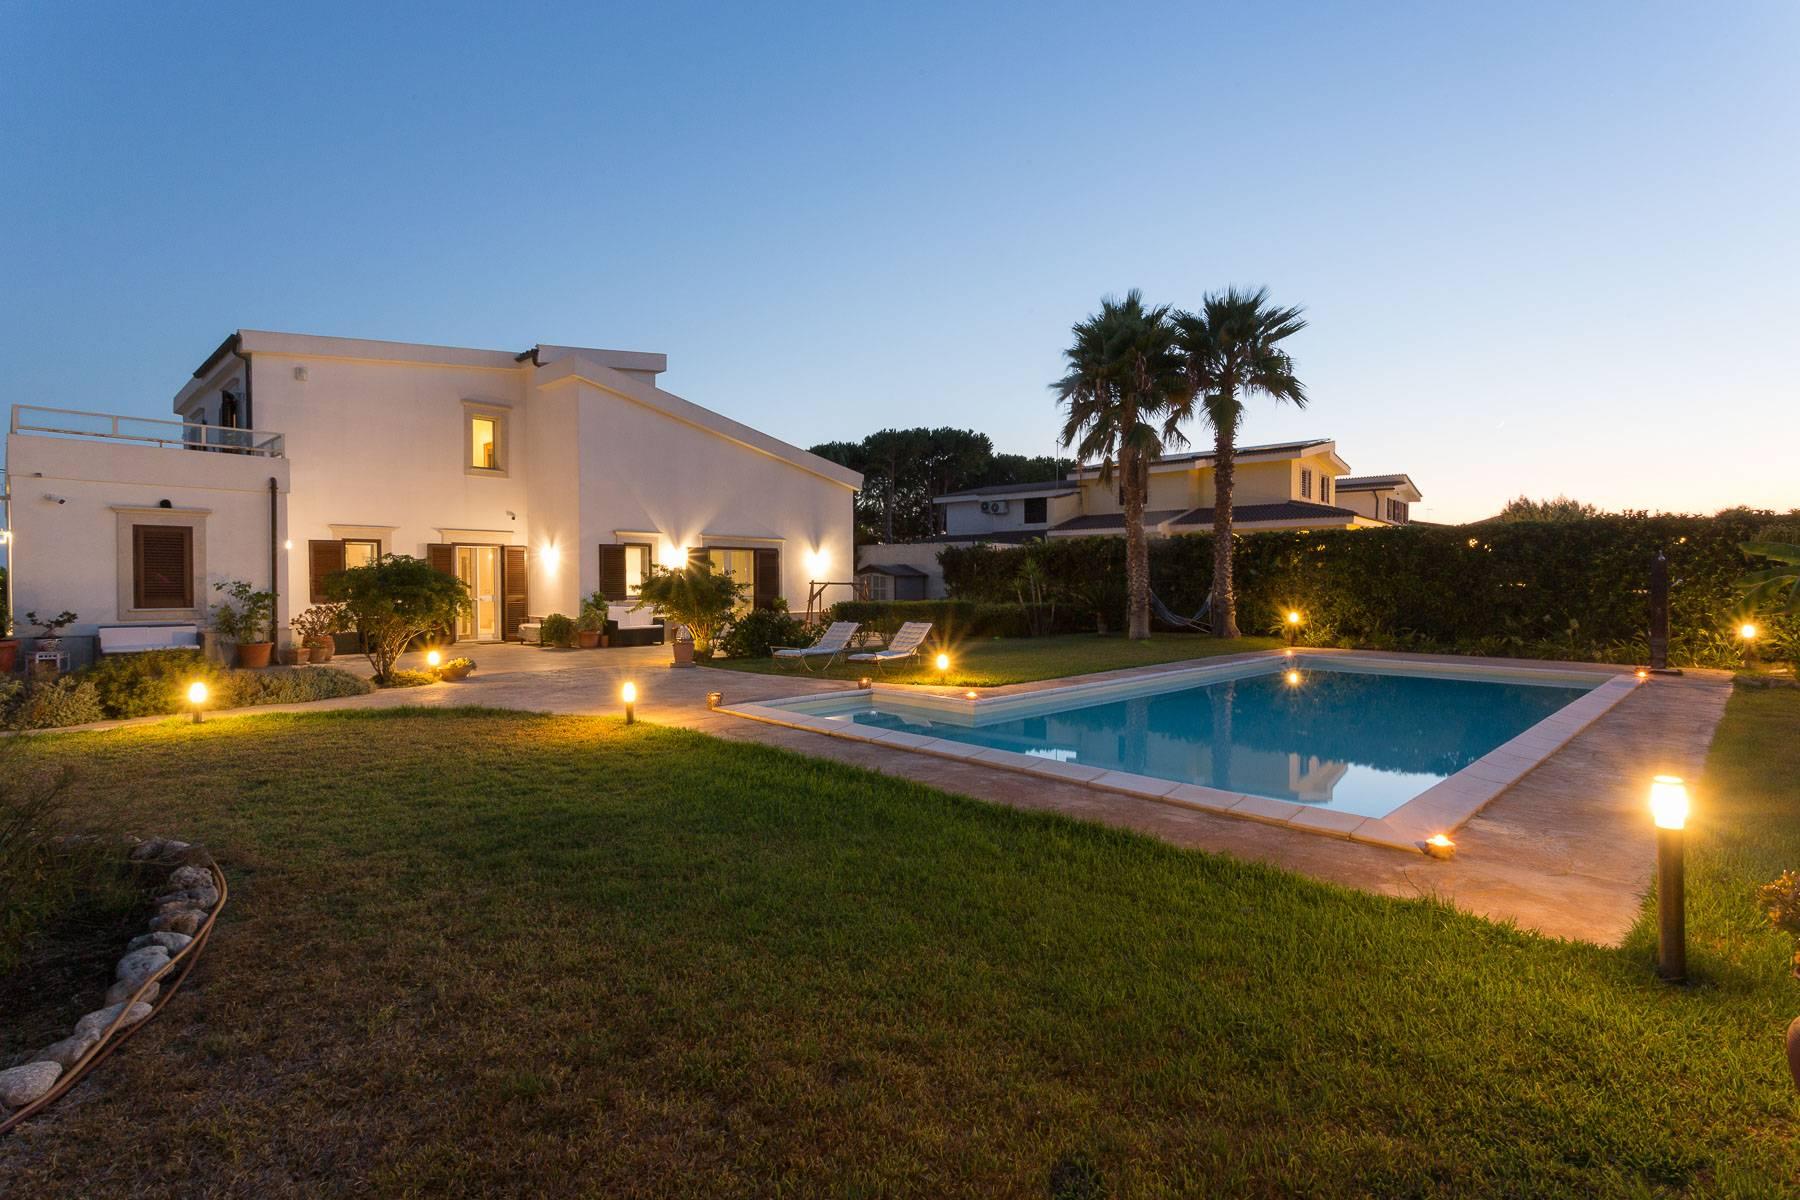 Villa in Vendita a Siracusa: 5 locali, 200 mq